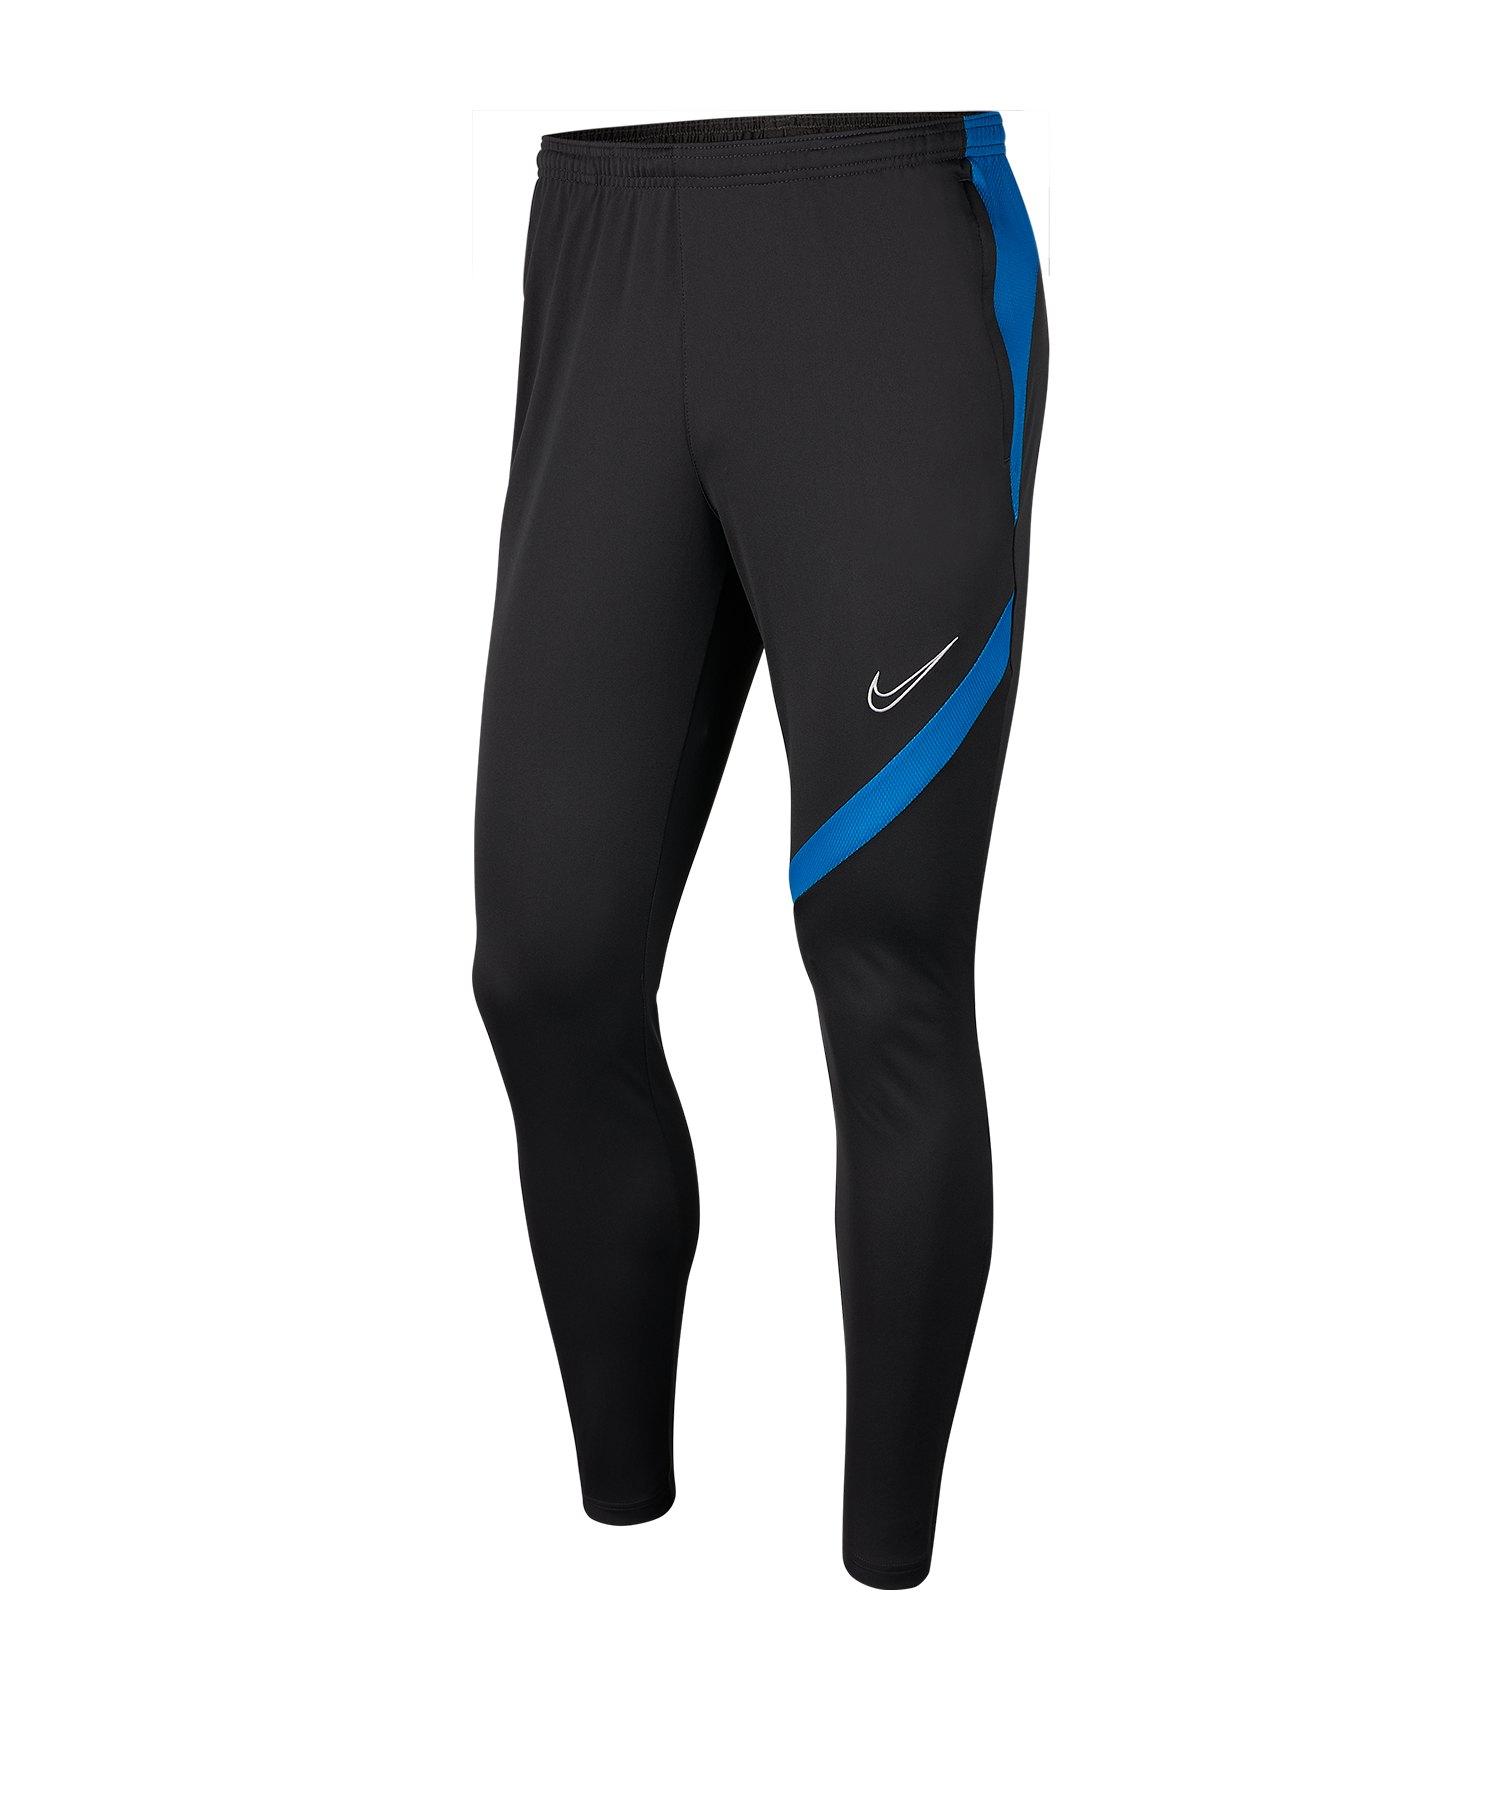 Nike Academy Pro Training Pant Grau Blau F067 - grau